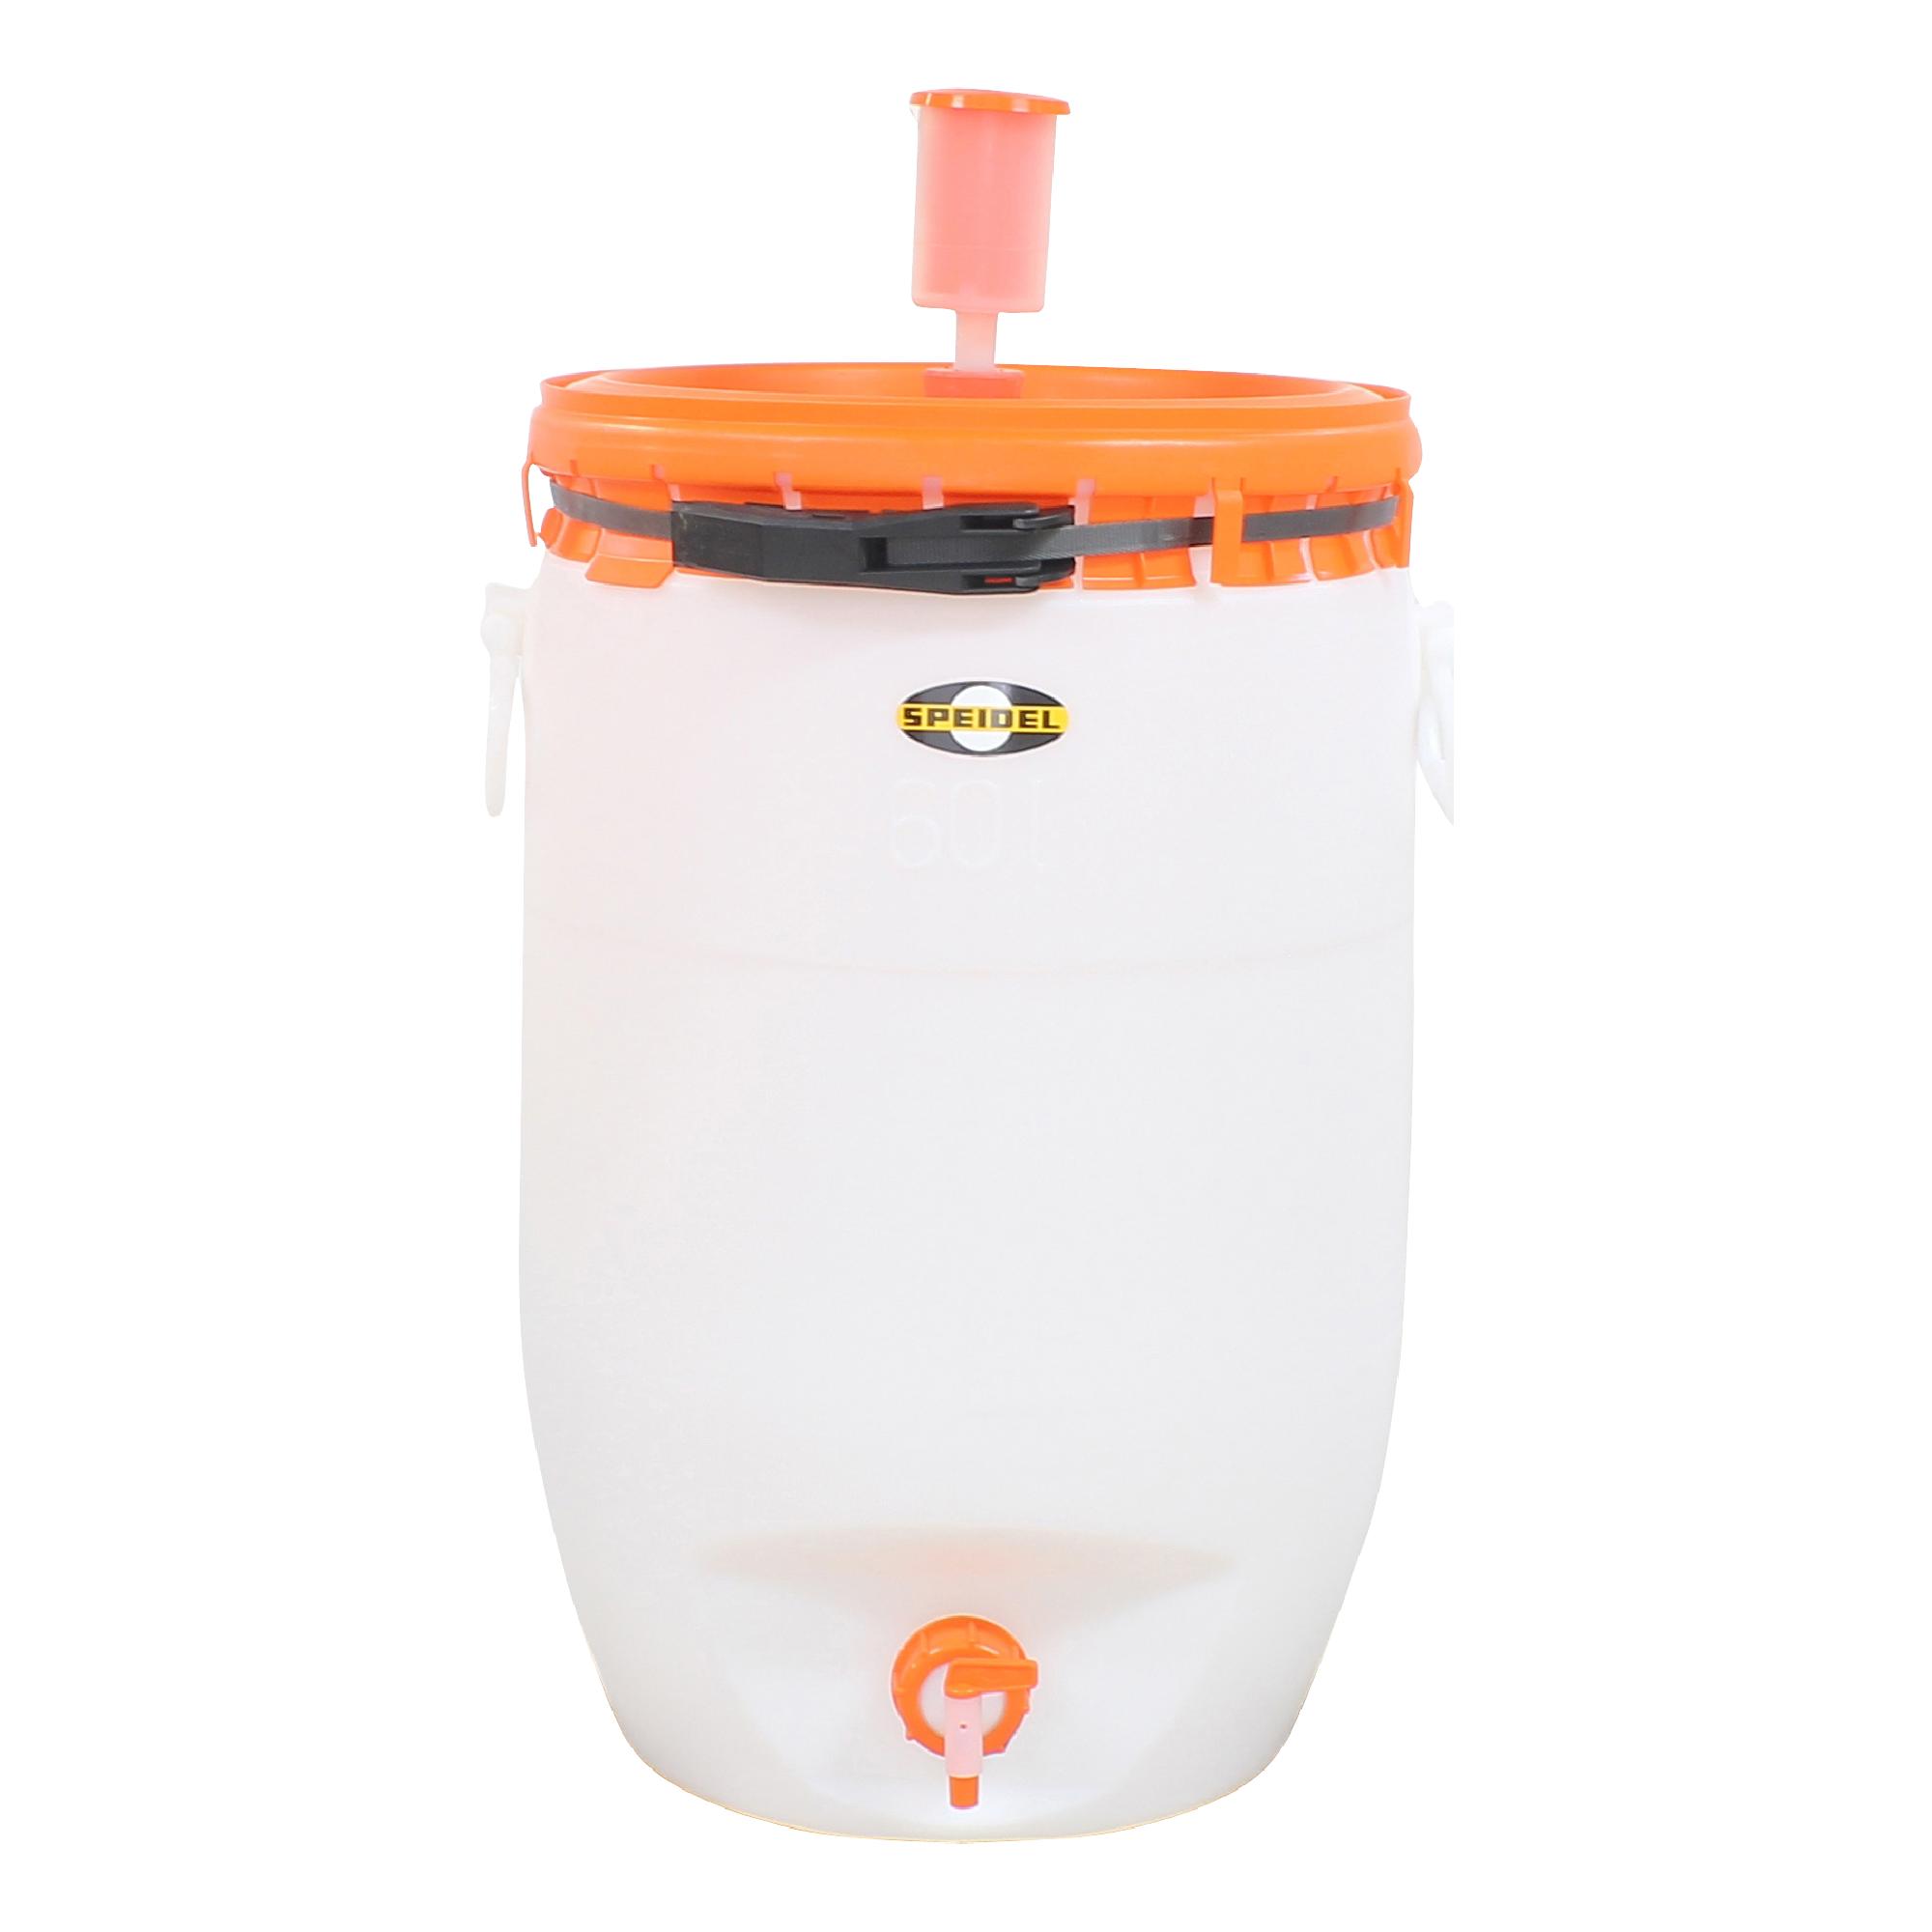 Fût de fermentation Braumeister de 60 litres